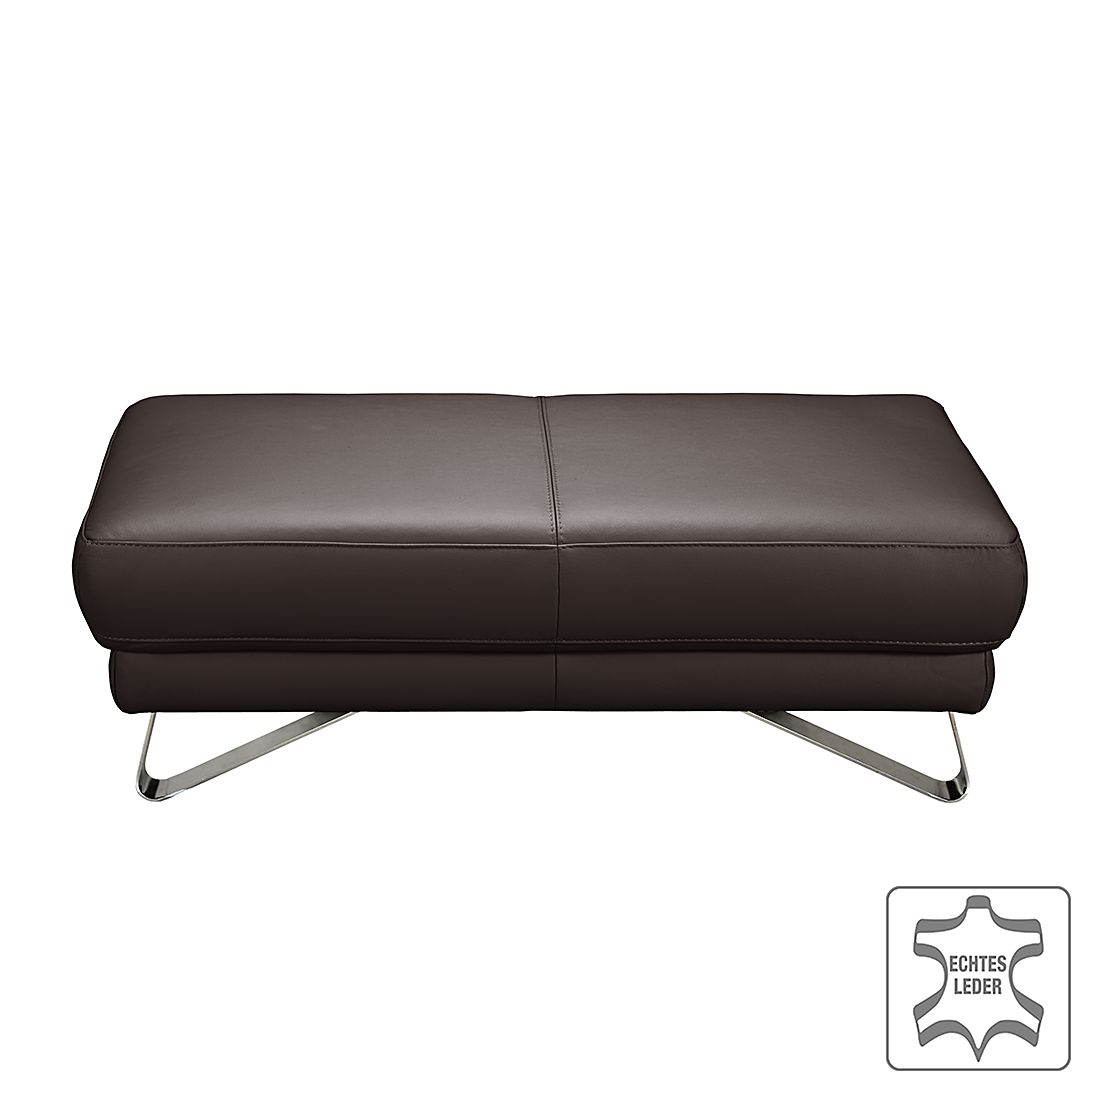 home24 Hocker Silvano | Wohnzimmer > Hocker & Poufs > Sitzhocker | Braun | Echtleder | loftscape